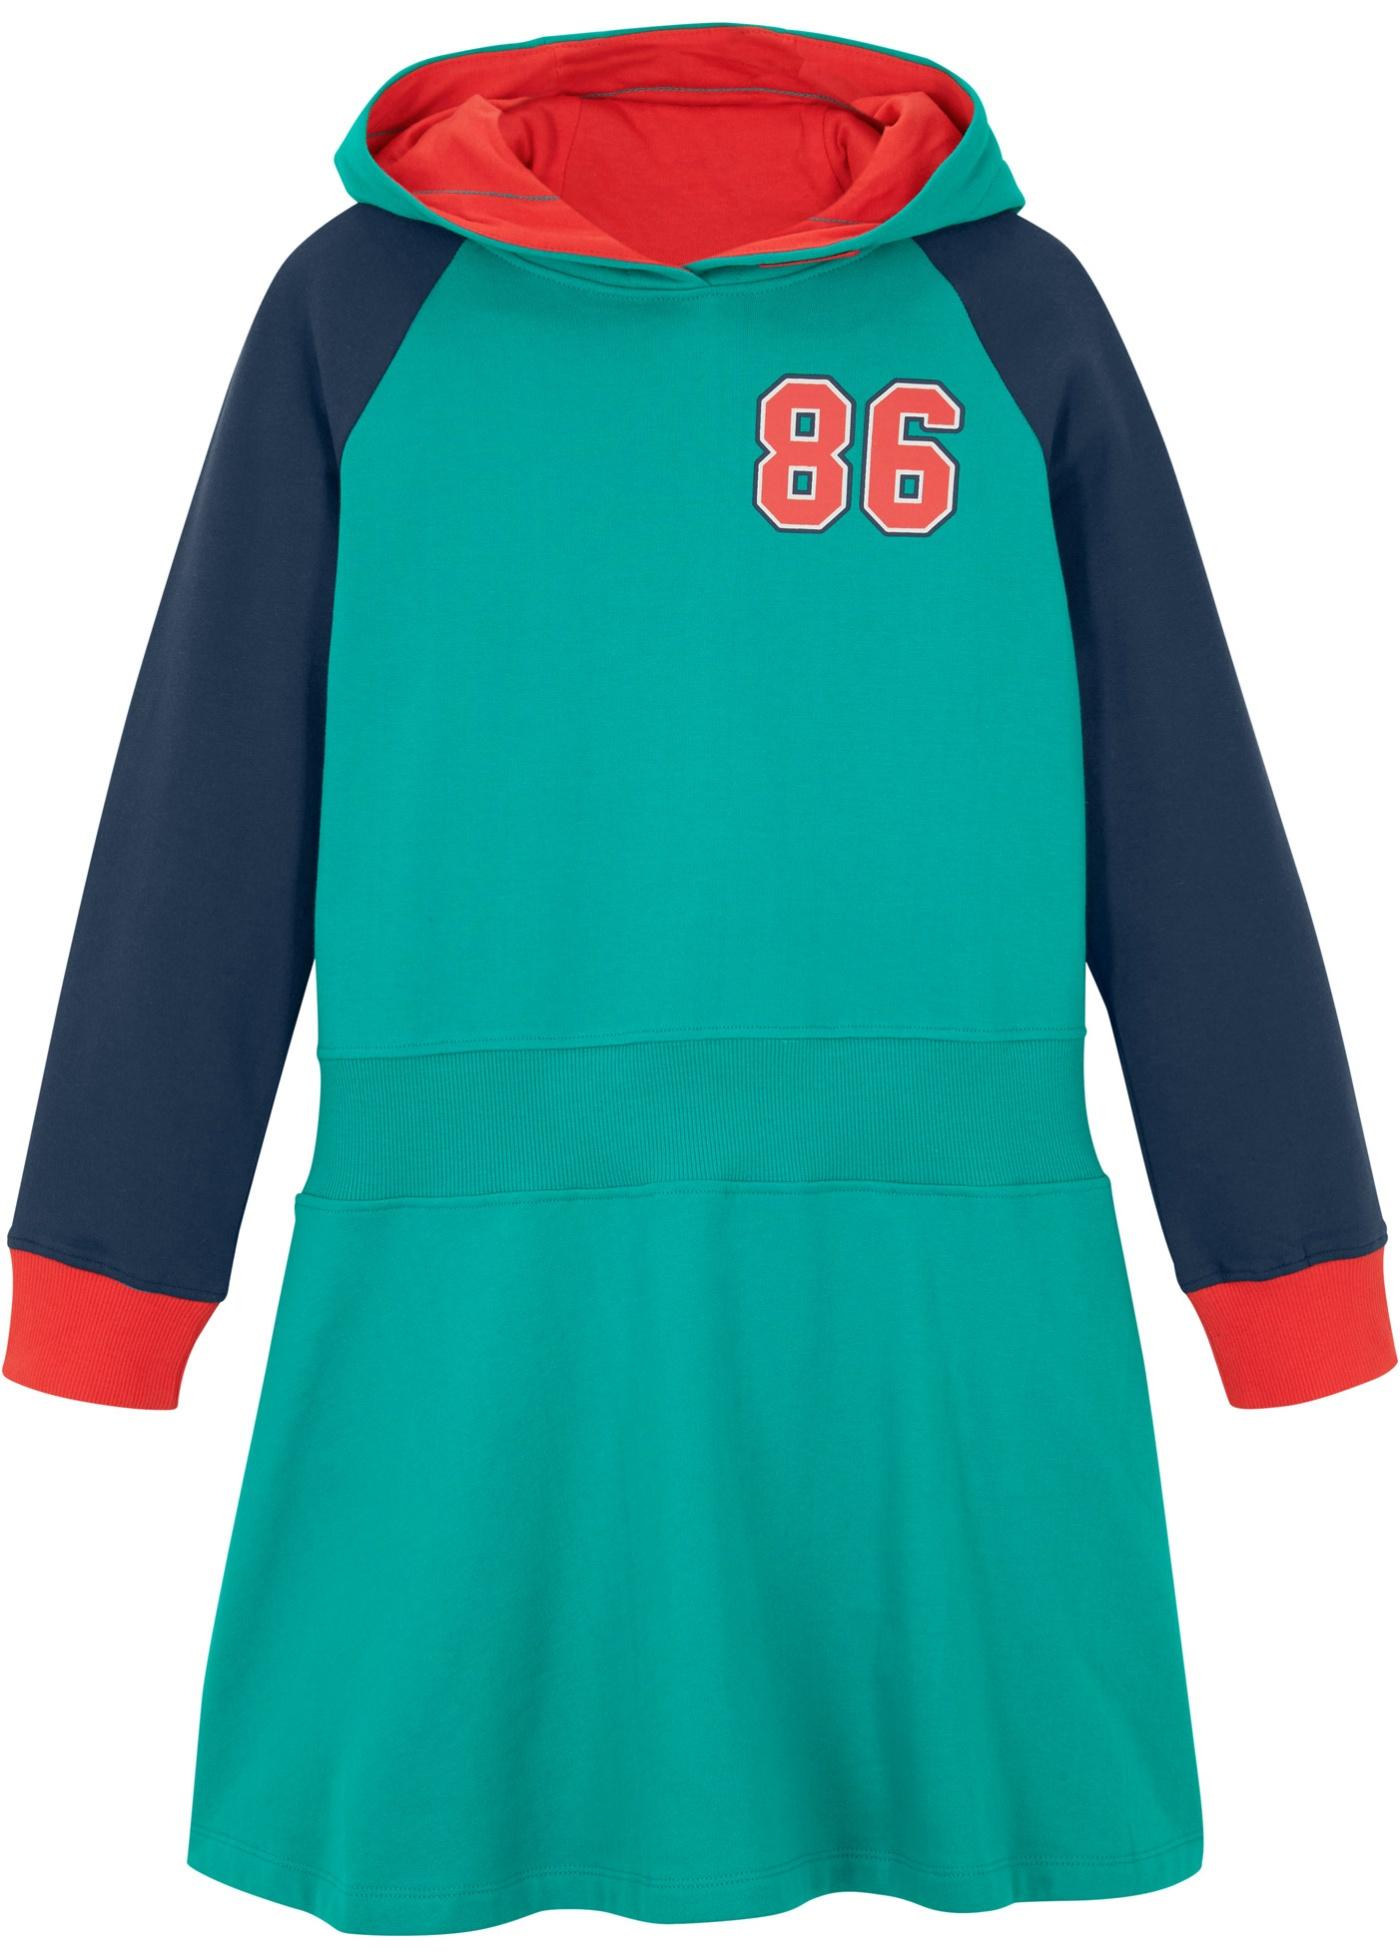 Mädchen Kapuzen-Sweatkleid aus Bio-Baumwolle